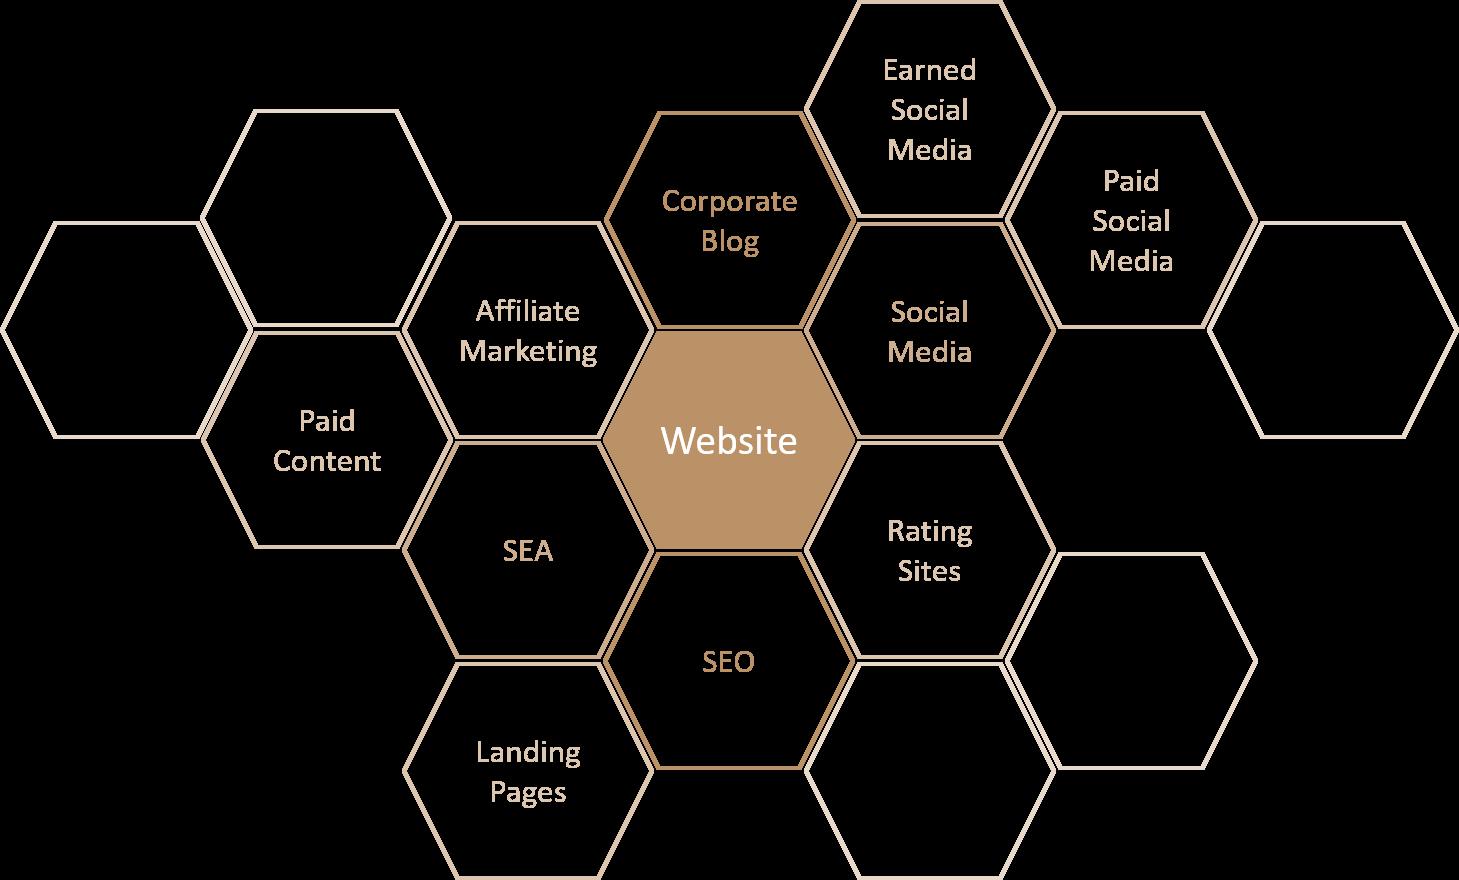 Online Marketing Matrix: Online PR Aktivitäten sind verwandt und verbunden mit vielen anderen digitalen Marketing Techniken, vor allem SEO, Affiliate Marketing, virales Marketing und Empfehlungs Marketing.